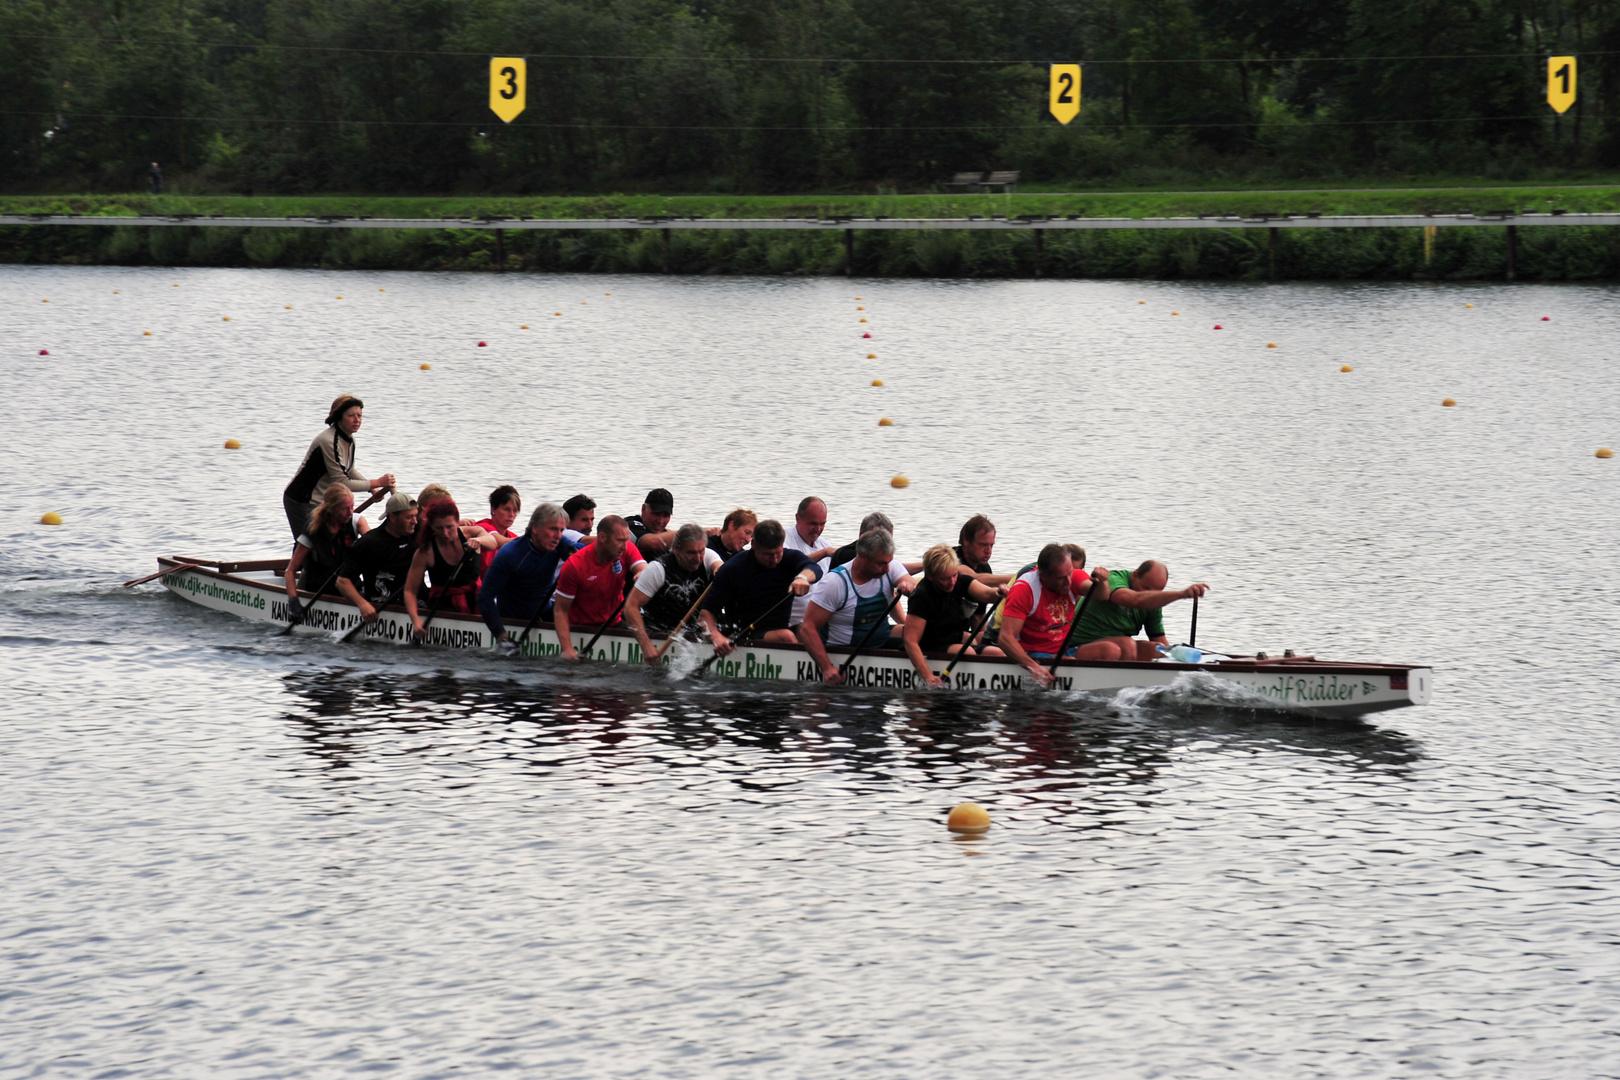 Regattabahn Duisburg - Vorbereitung auf die WM 2011 in Kanada